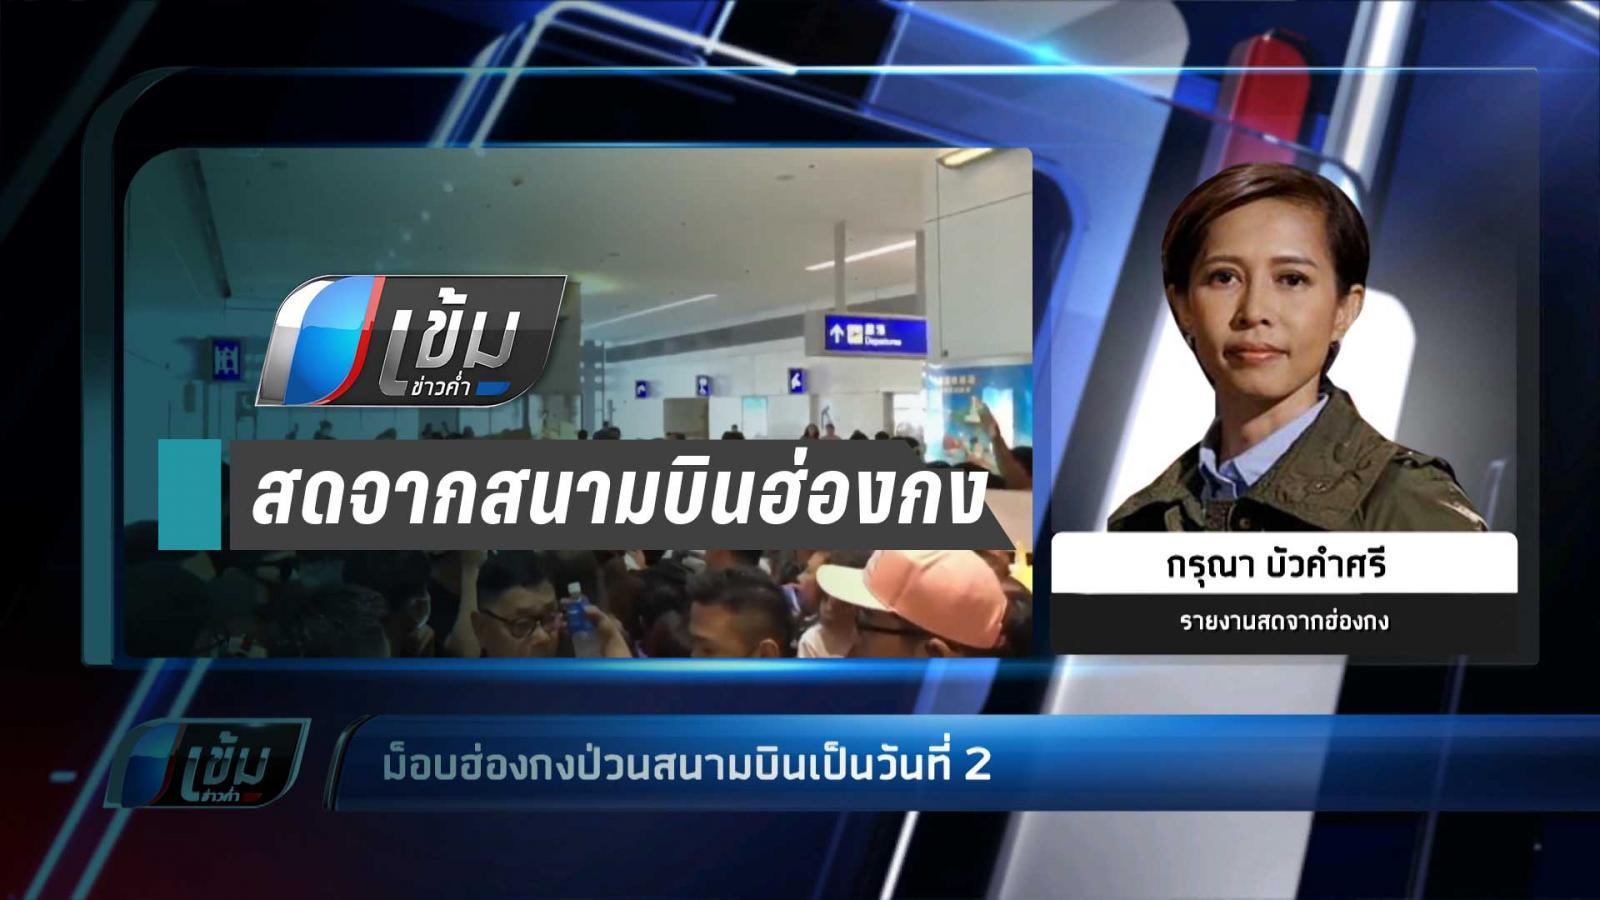 ผู้โดยสาร  ต้องใช้ทางหนีไฟขึ้นเครื่องบิน หลัง ม็อบปิดสนามบินฮ่องกง